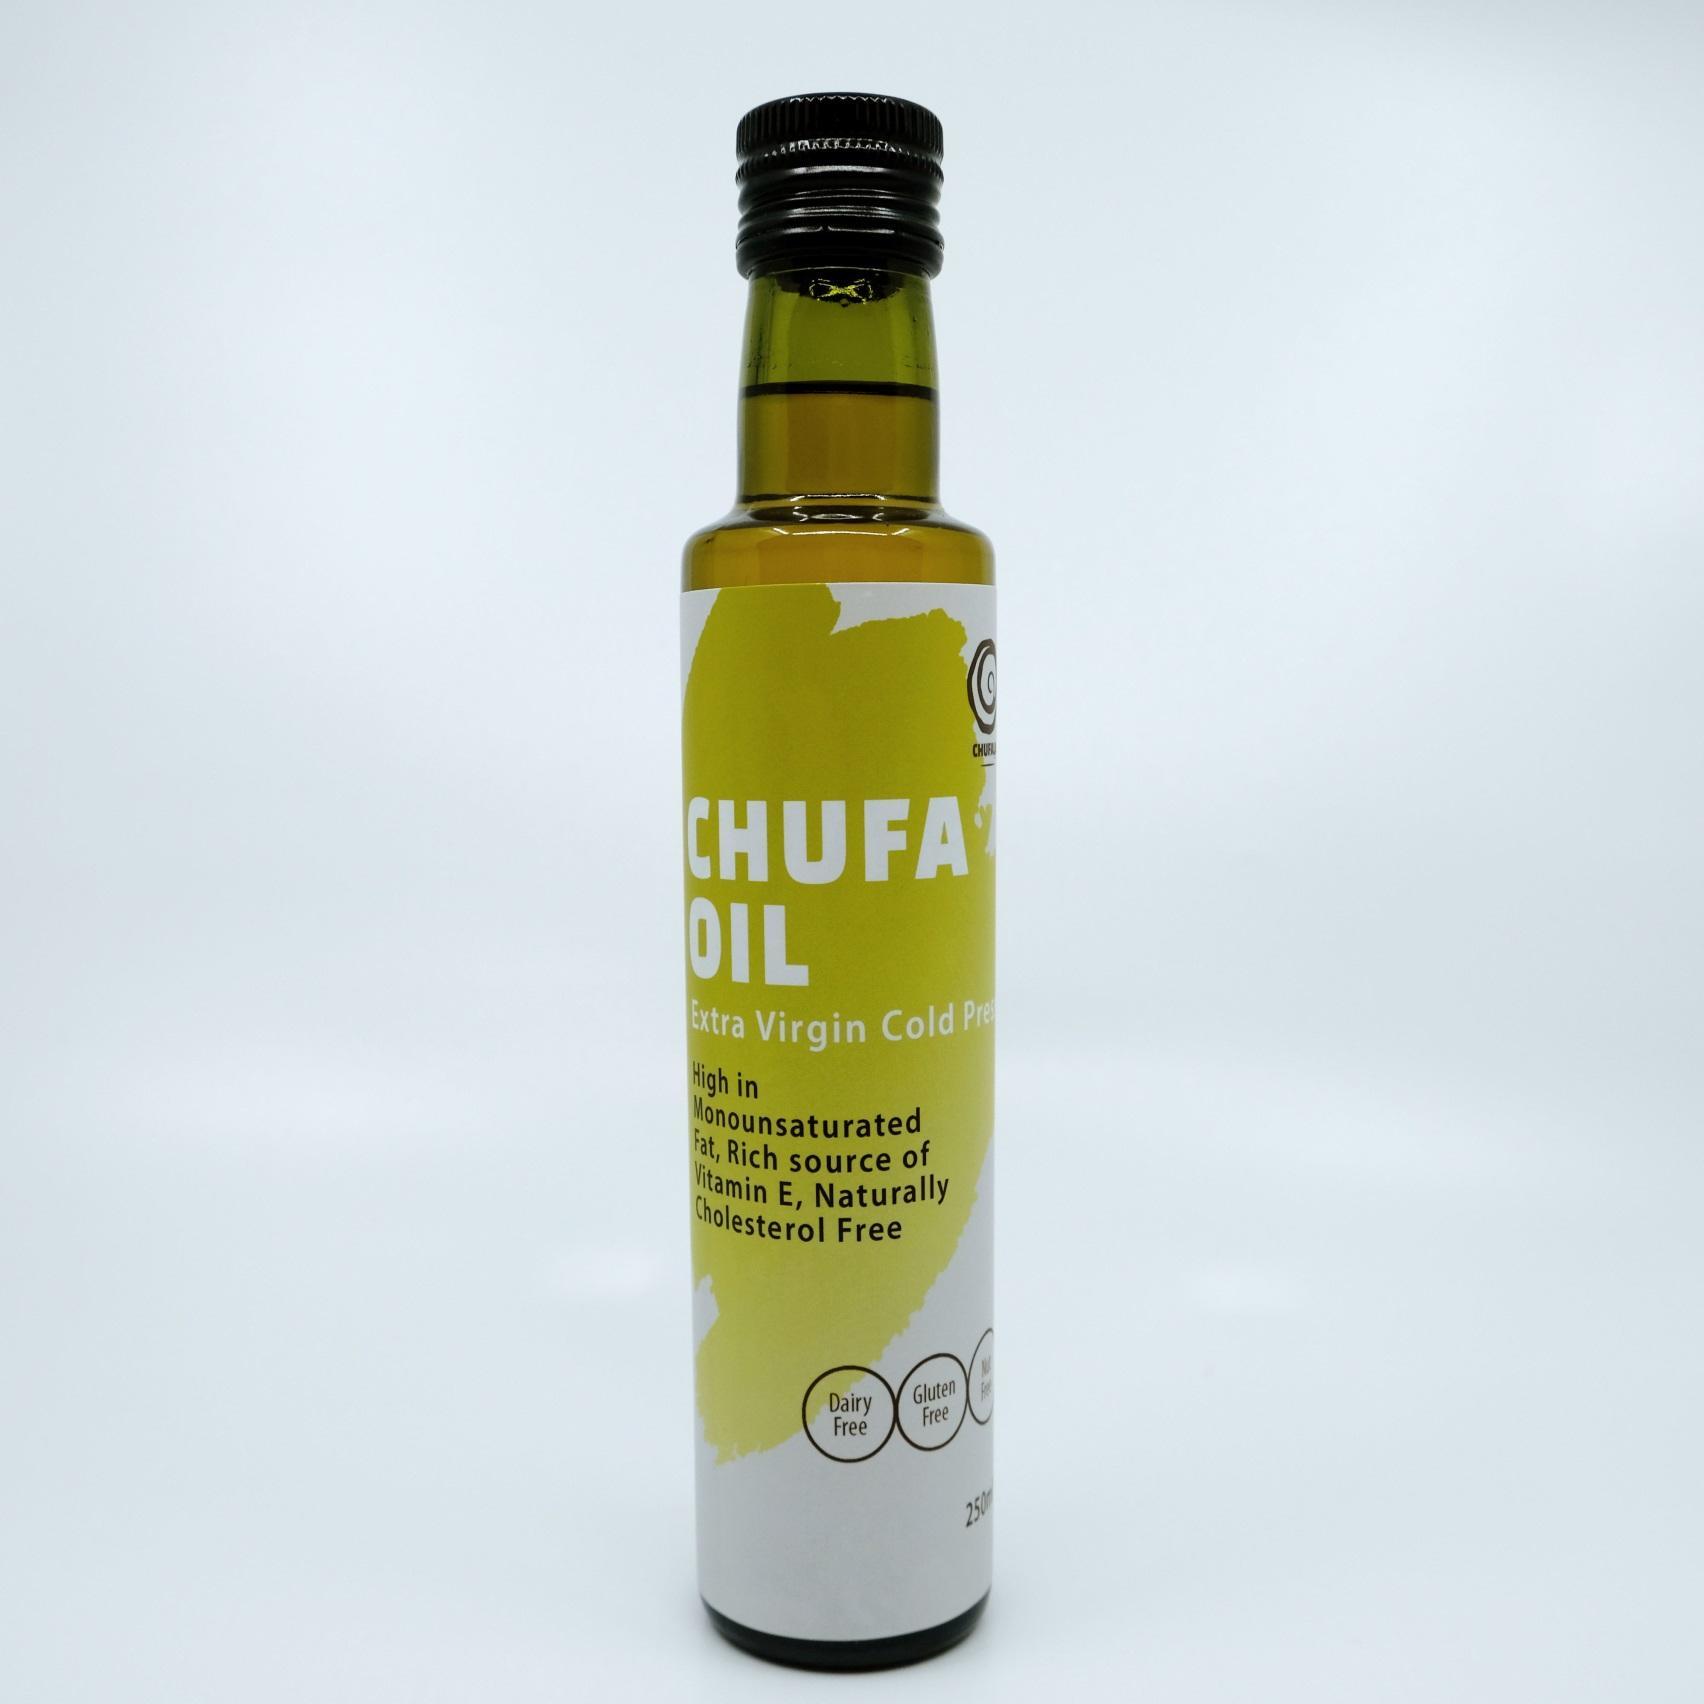 Chufala Extra Virgin Cold Pressed Chufa Oil - 250ml By Chufala Singapore.